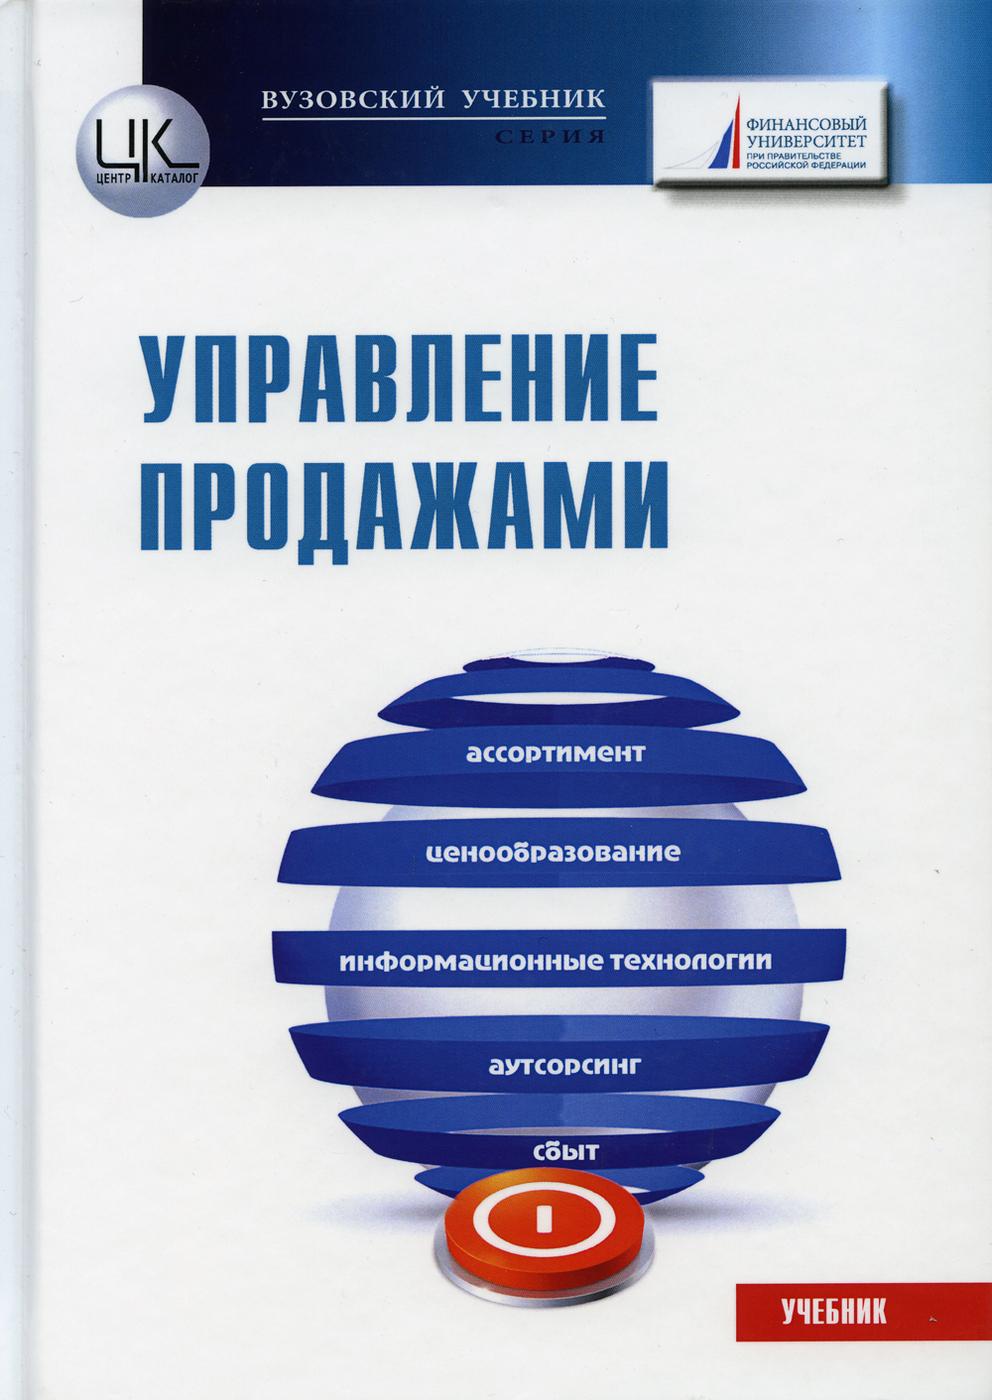 Купить Учебники В Интернет Магазине